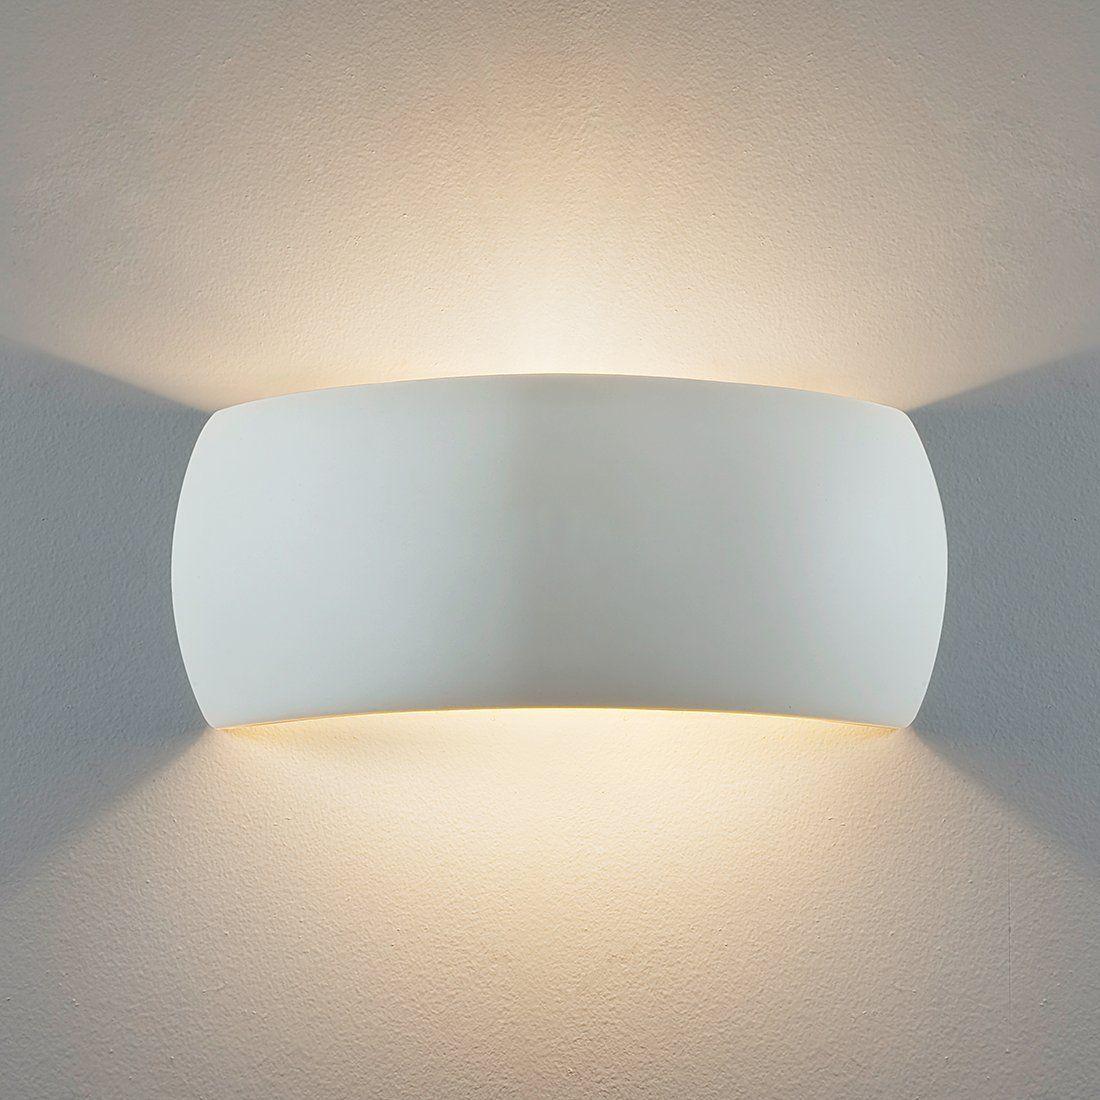 Astro Lighting 25 Milo 25 Light Ceramic Wall Light uplighter